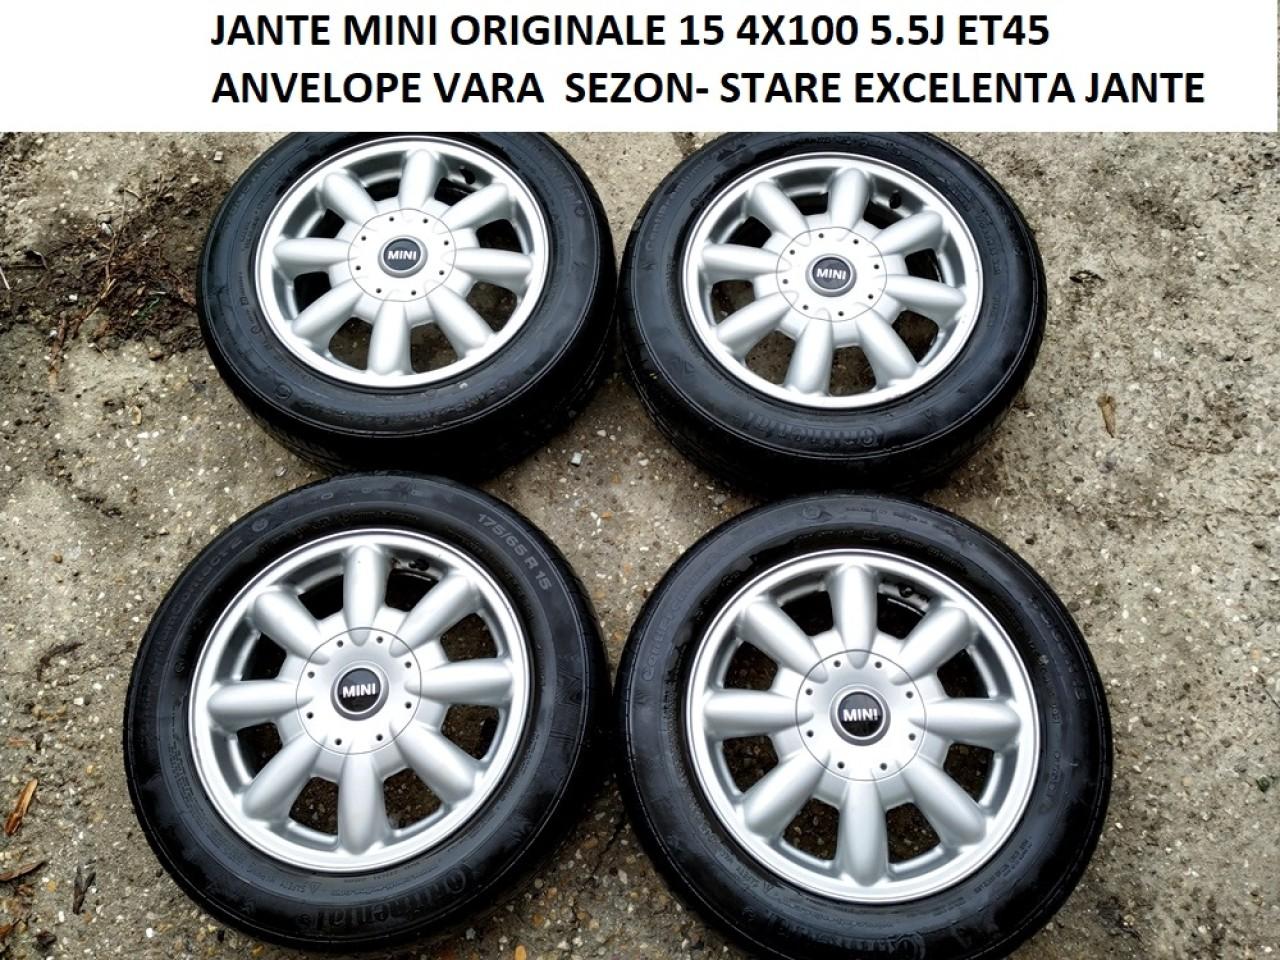 JANTE MINI 15 4X100